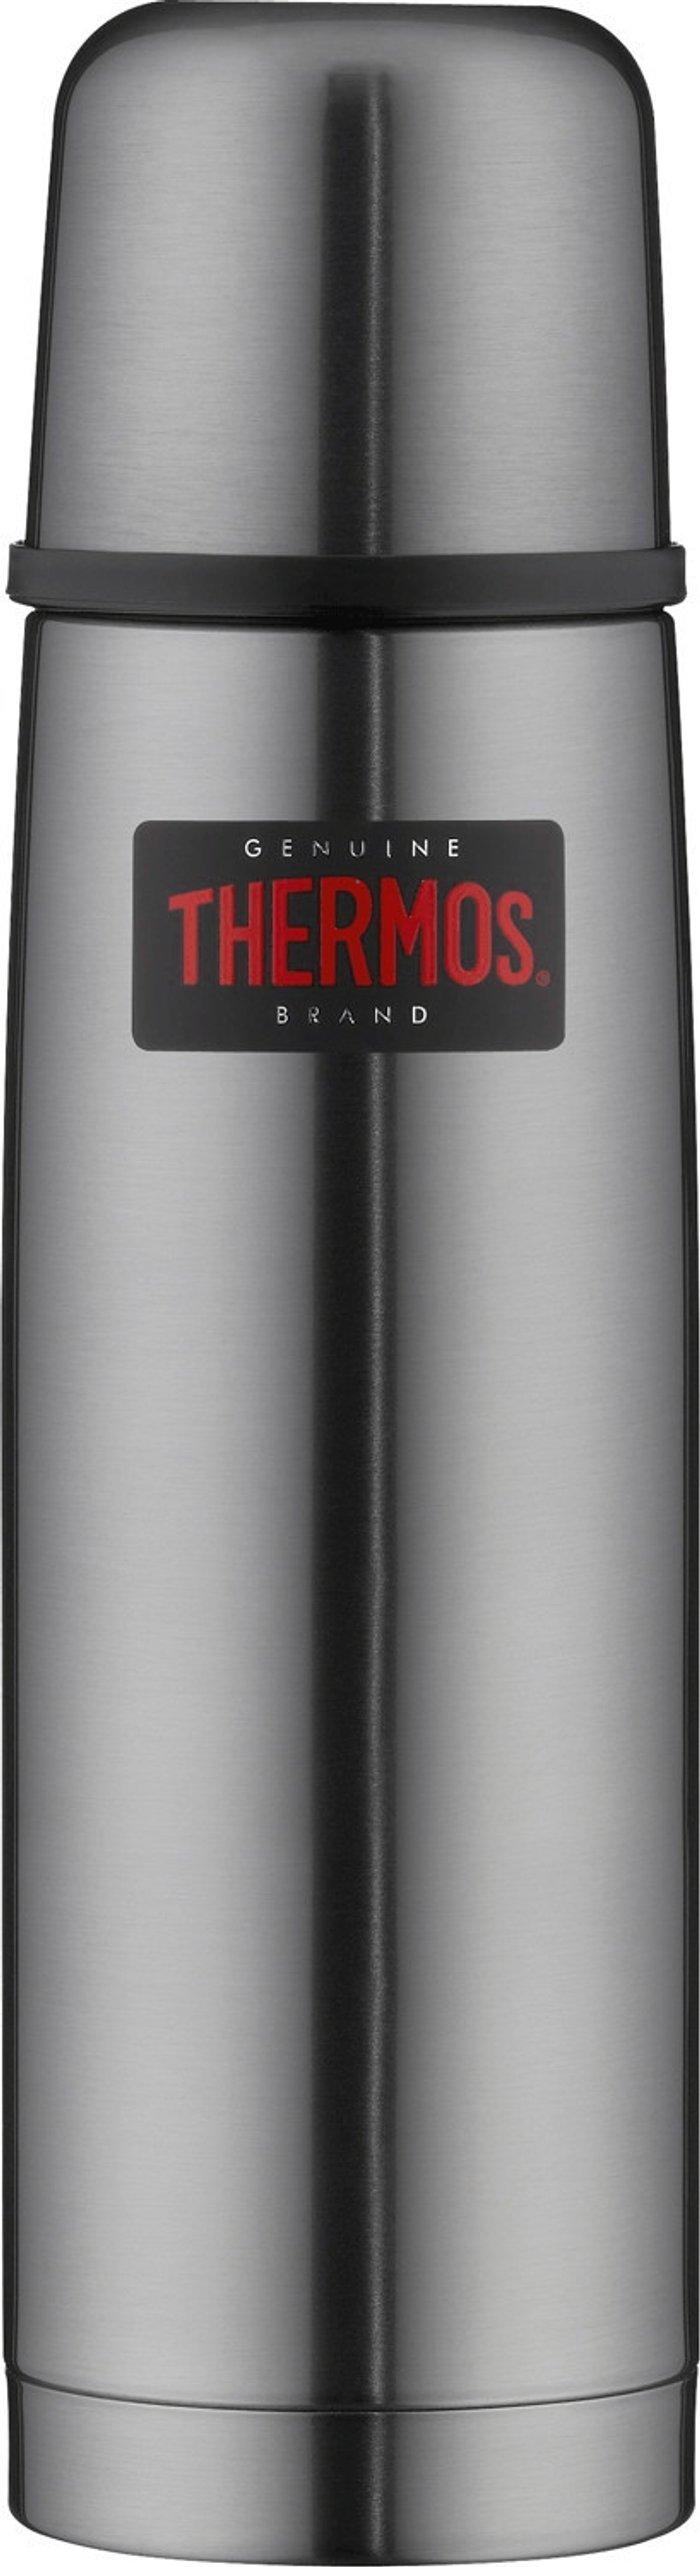 Thermos Thermos 4019.218.050